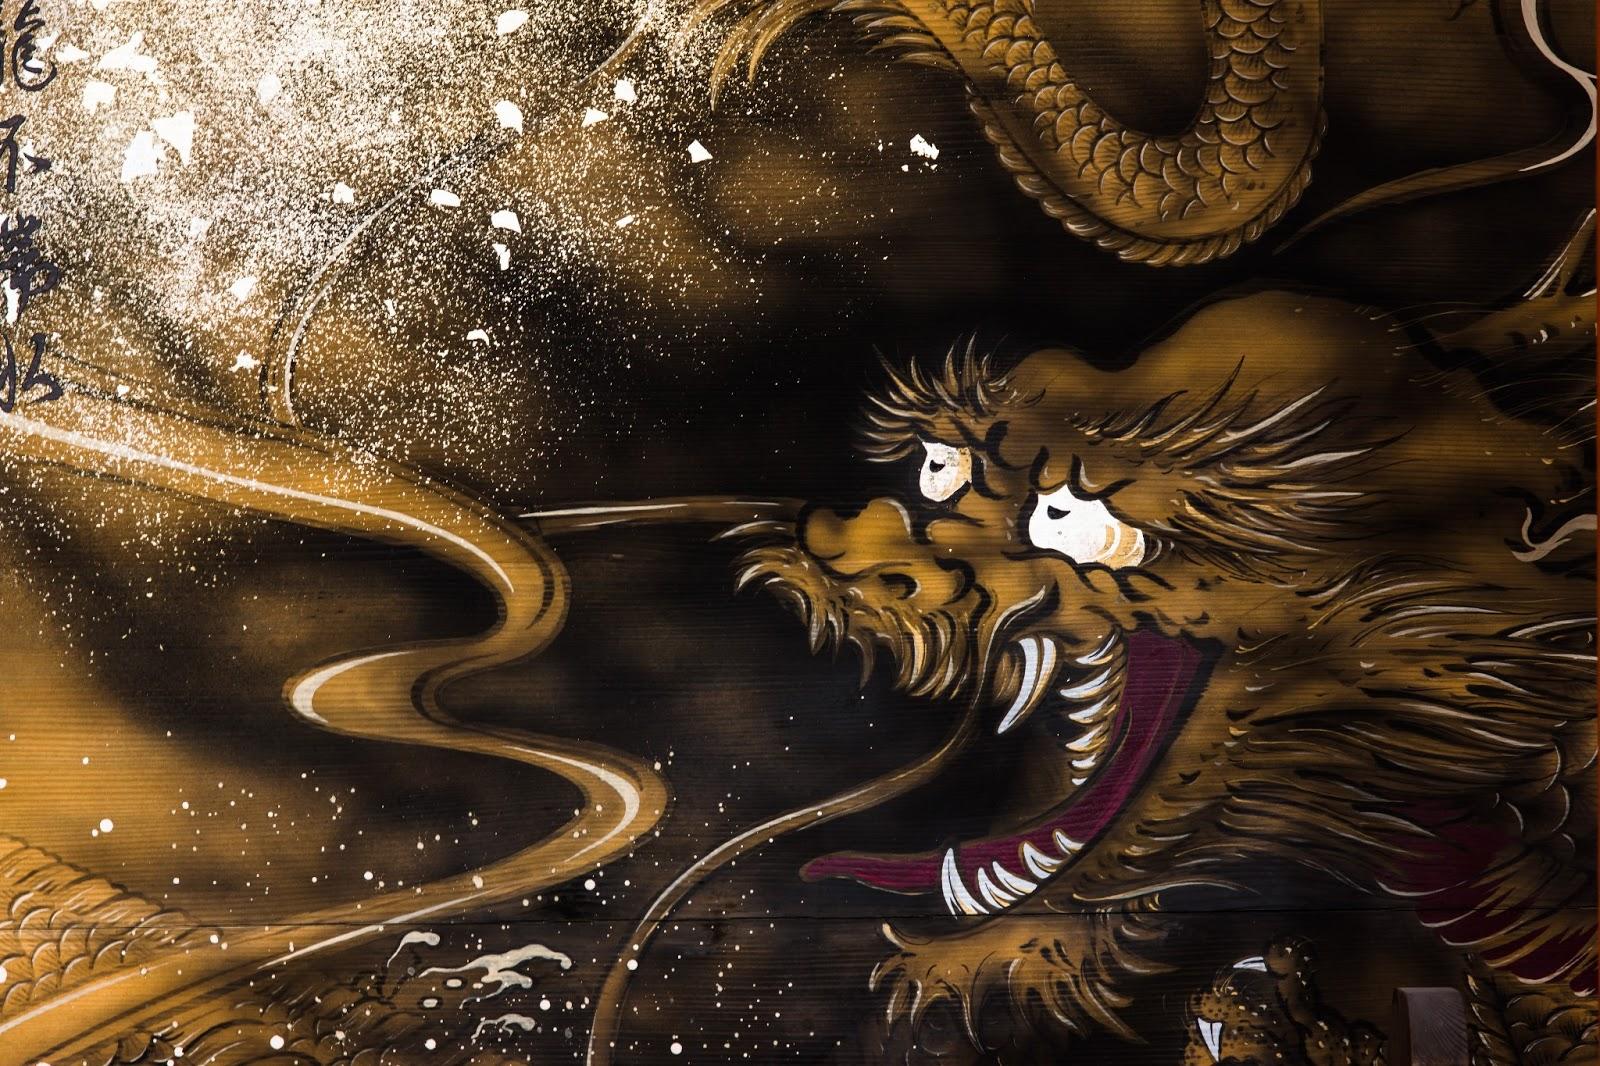 龍が描かれた木製の看板の写真